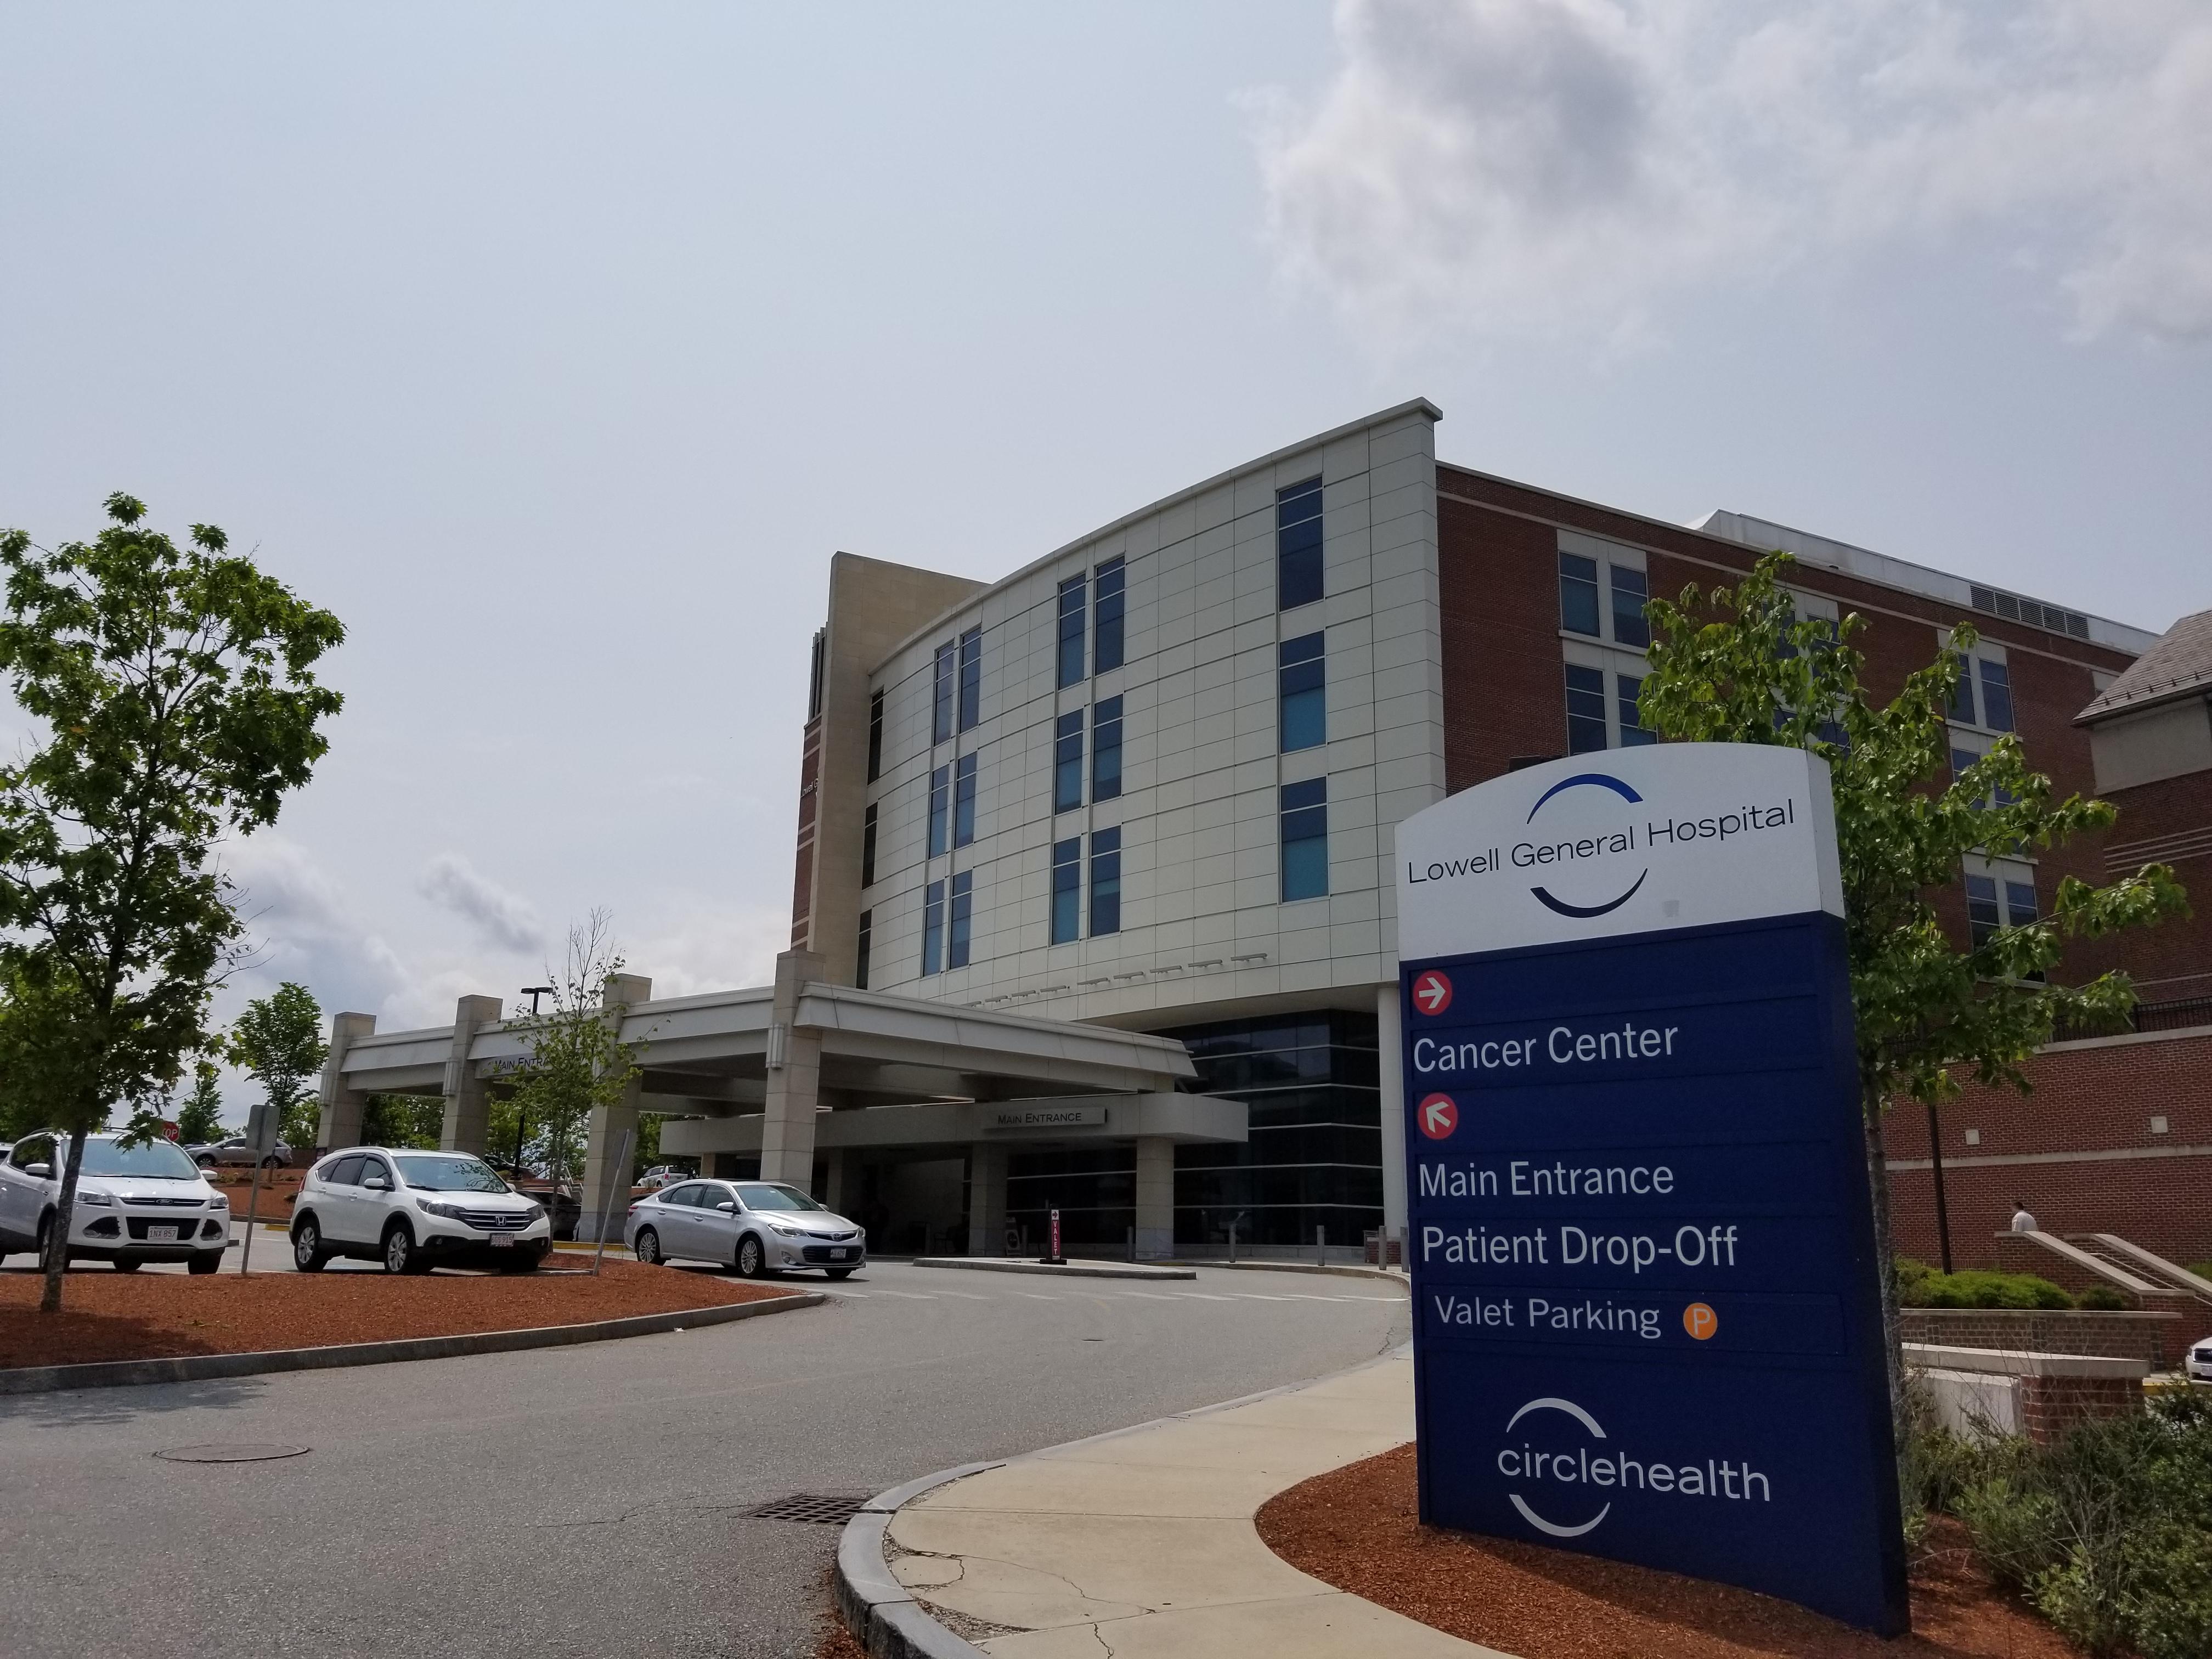 Lowell General Hospital - Wikipedia